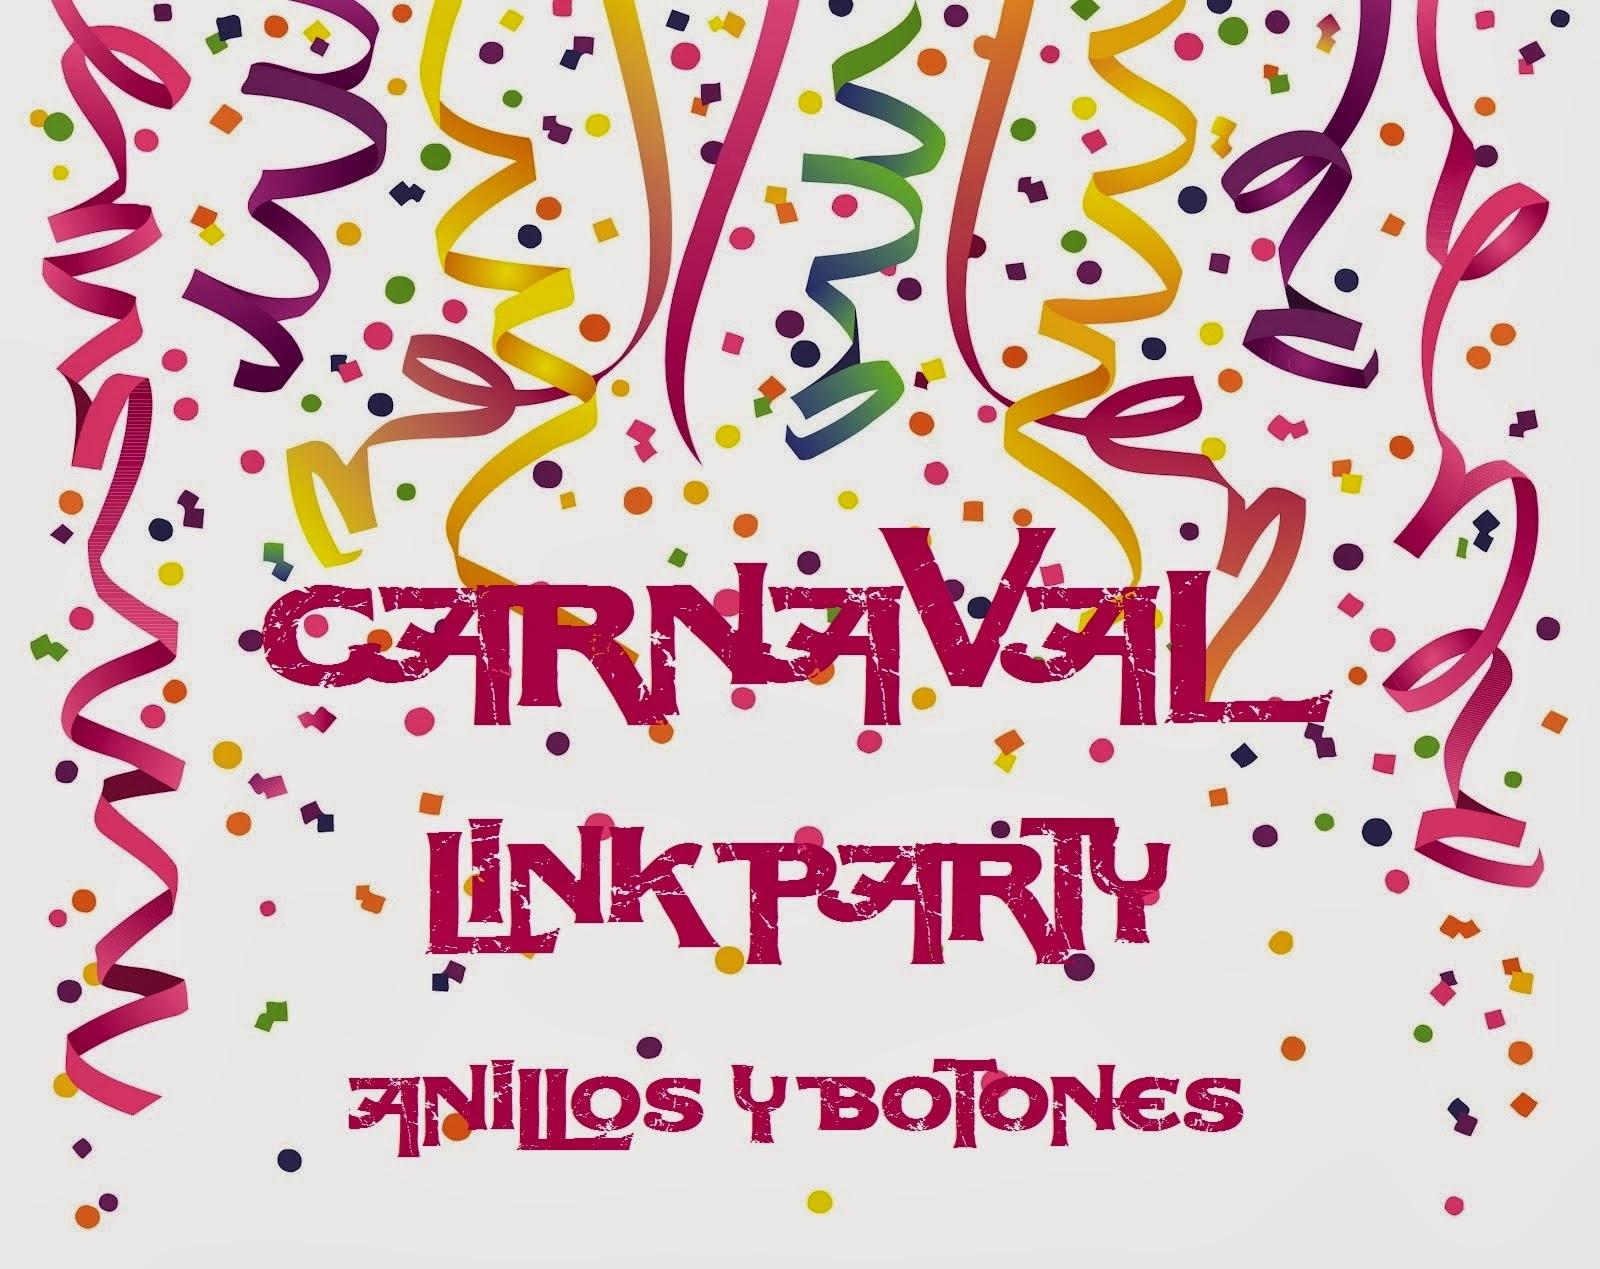 LINK PARTY ANIVERSARIO